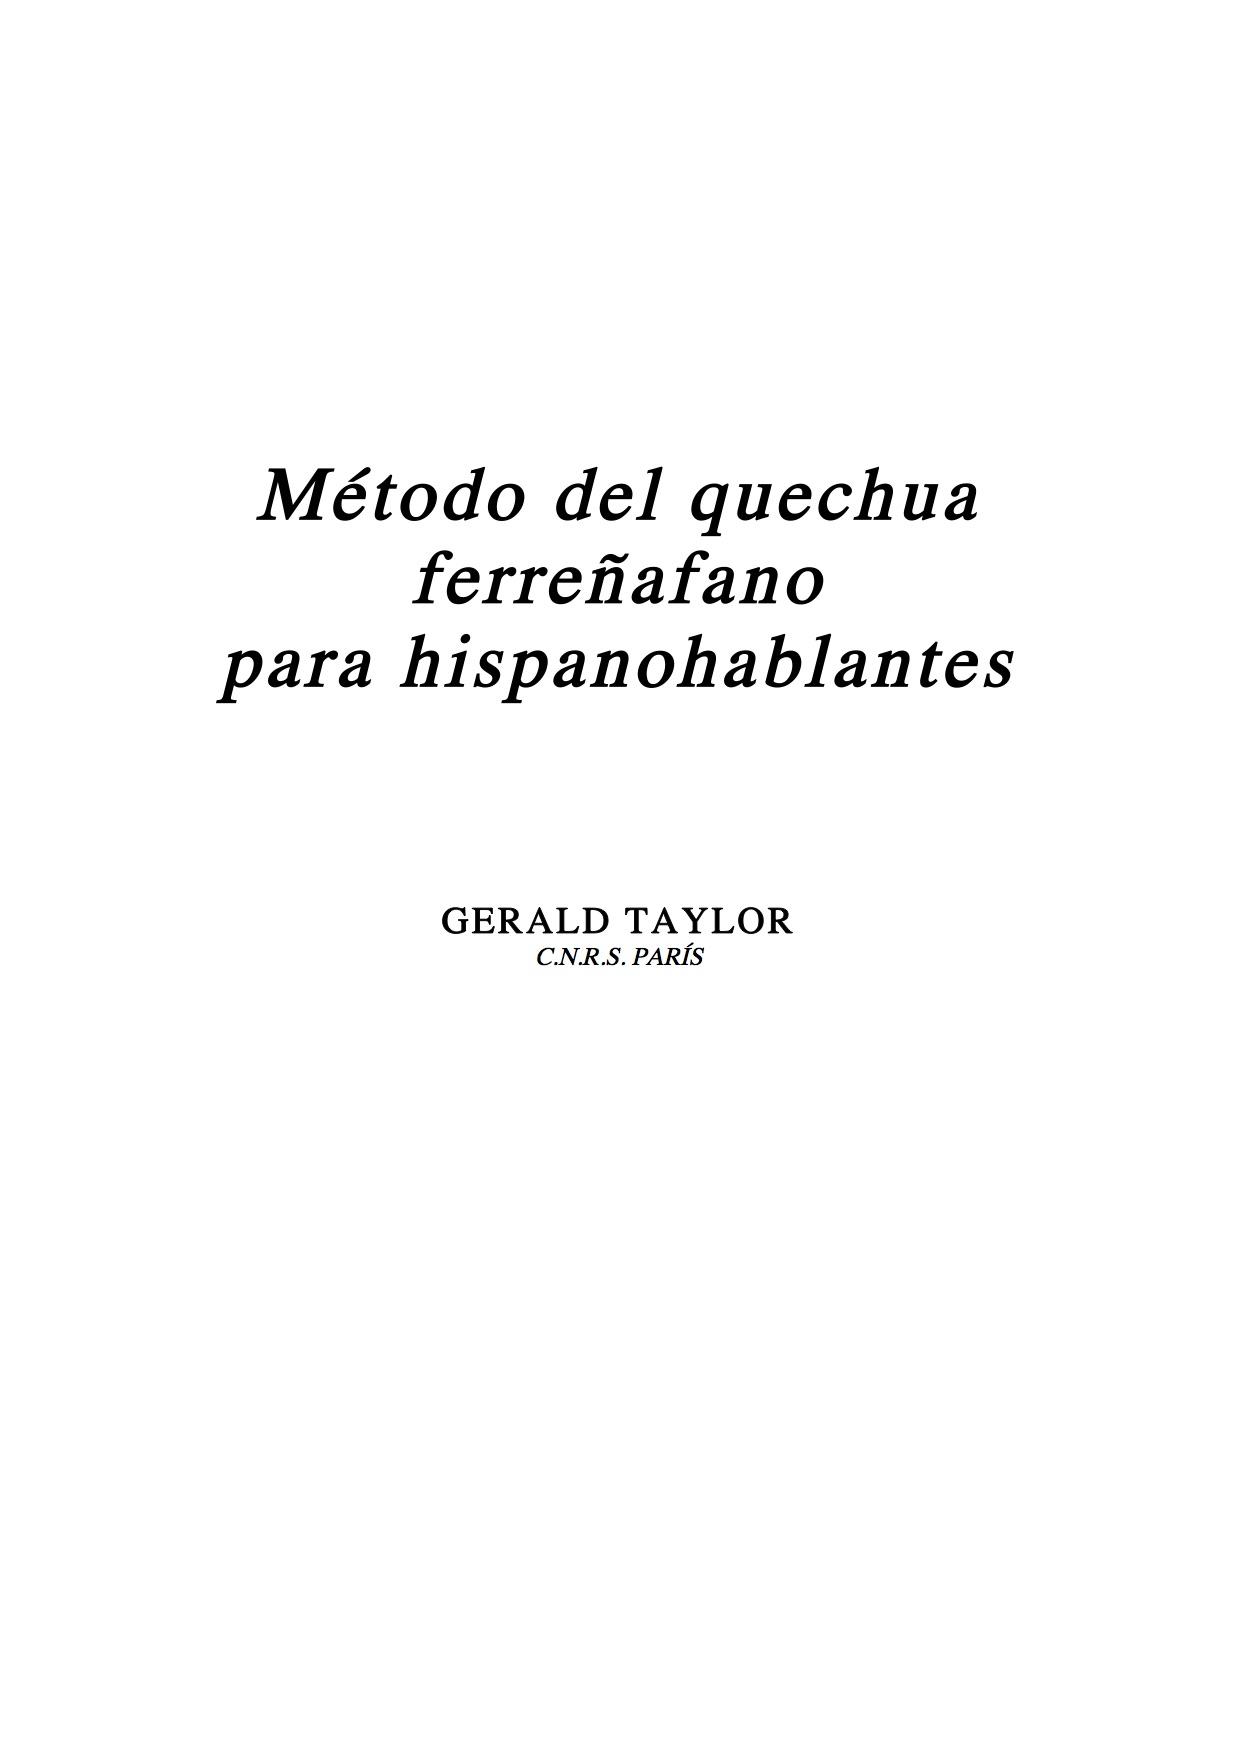 Método del quechua ferreñafano para hispanohablantes